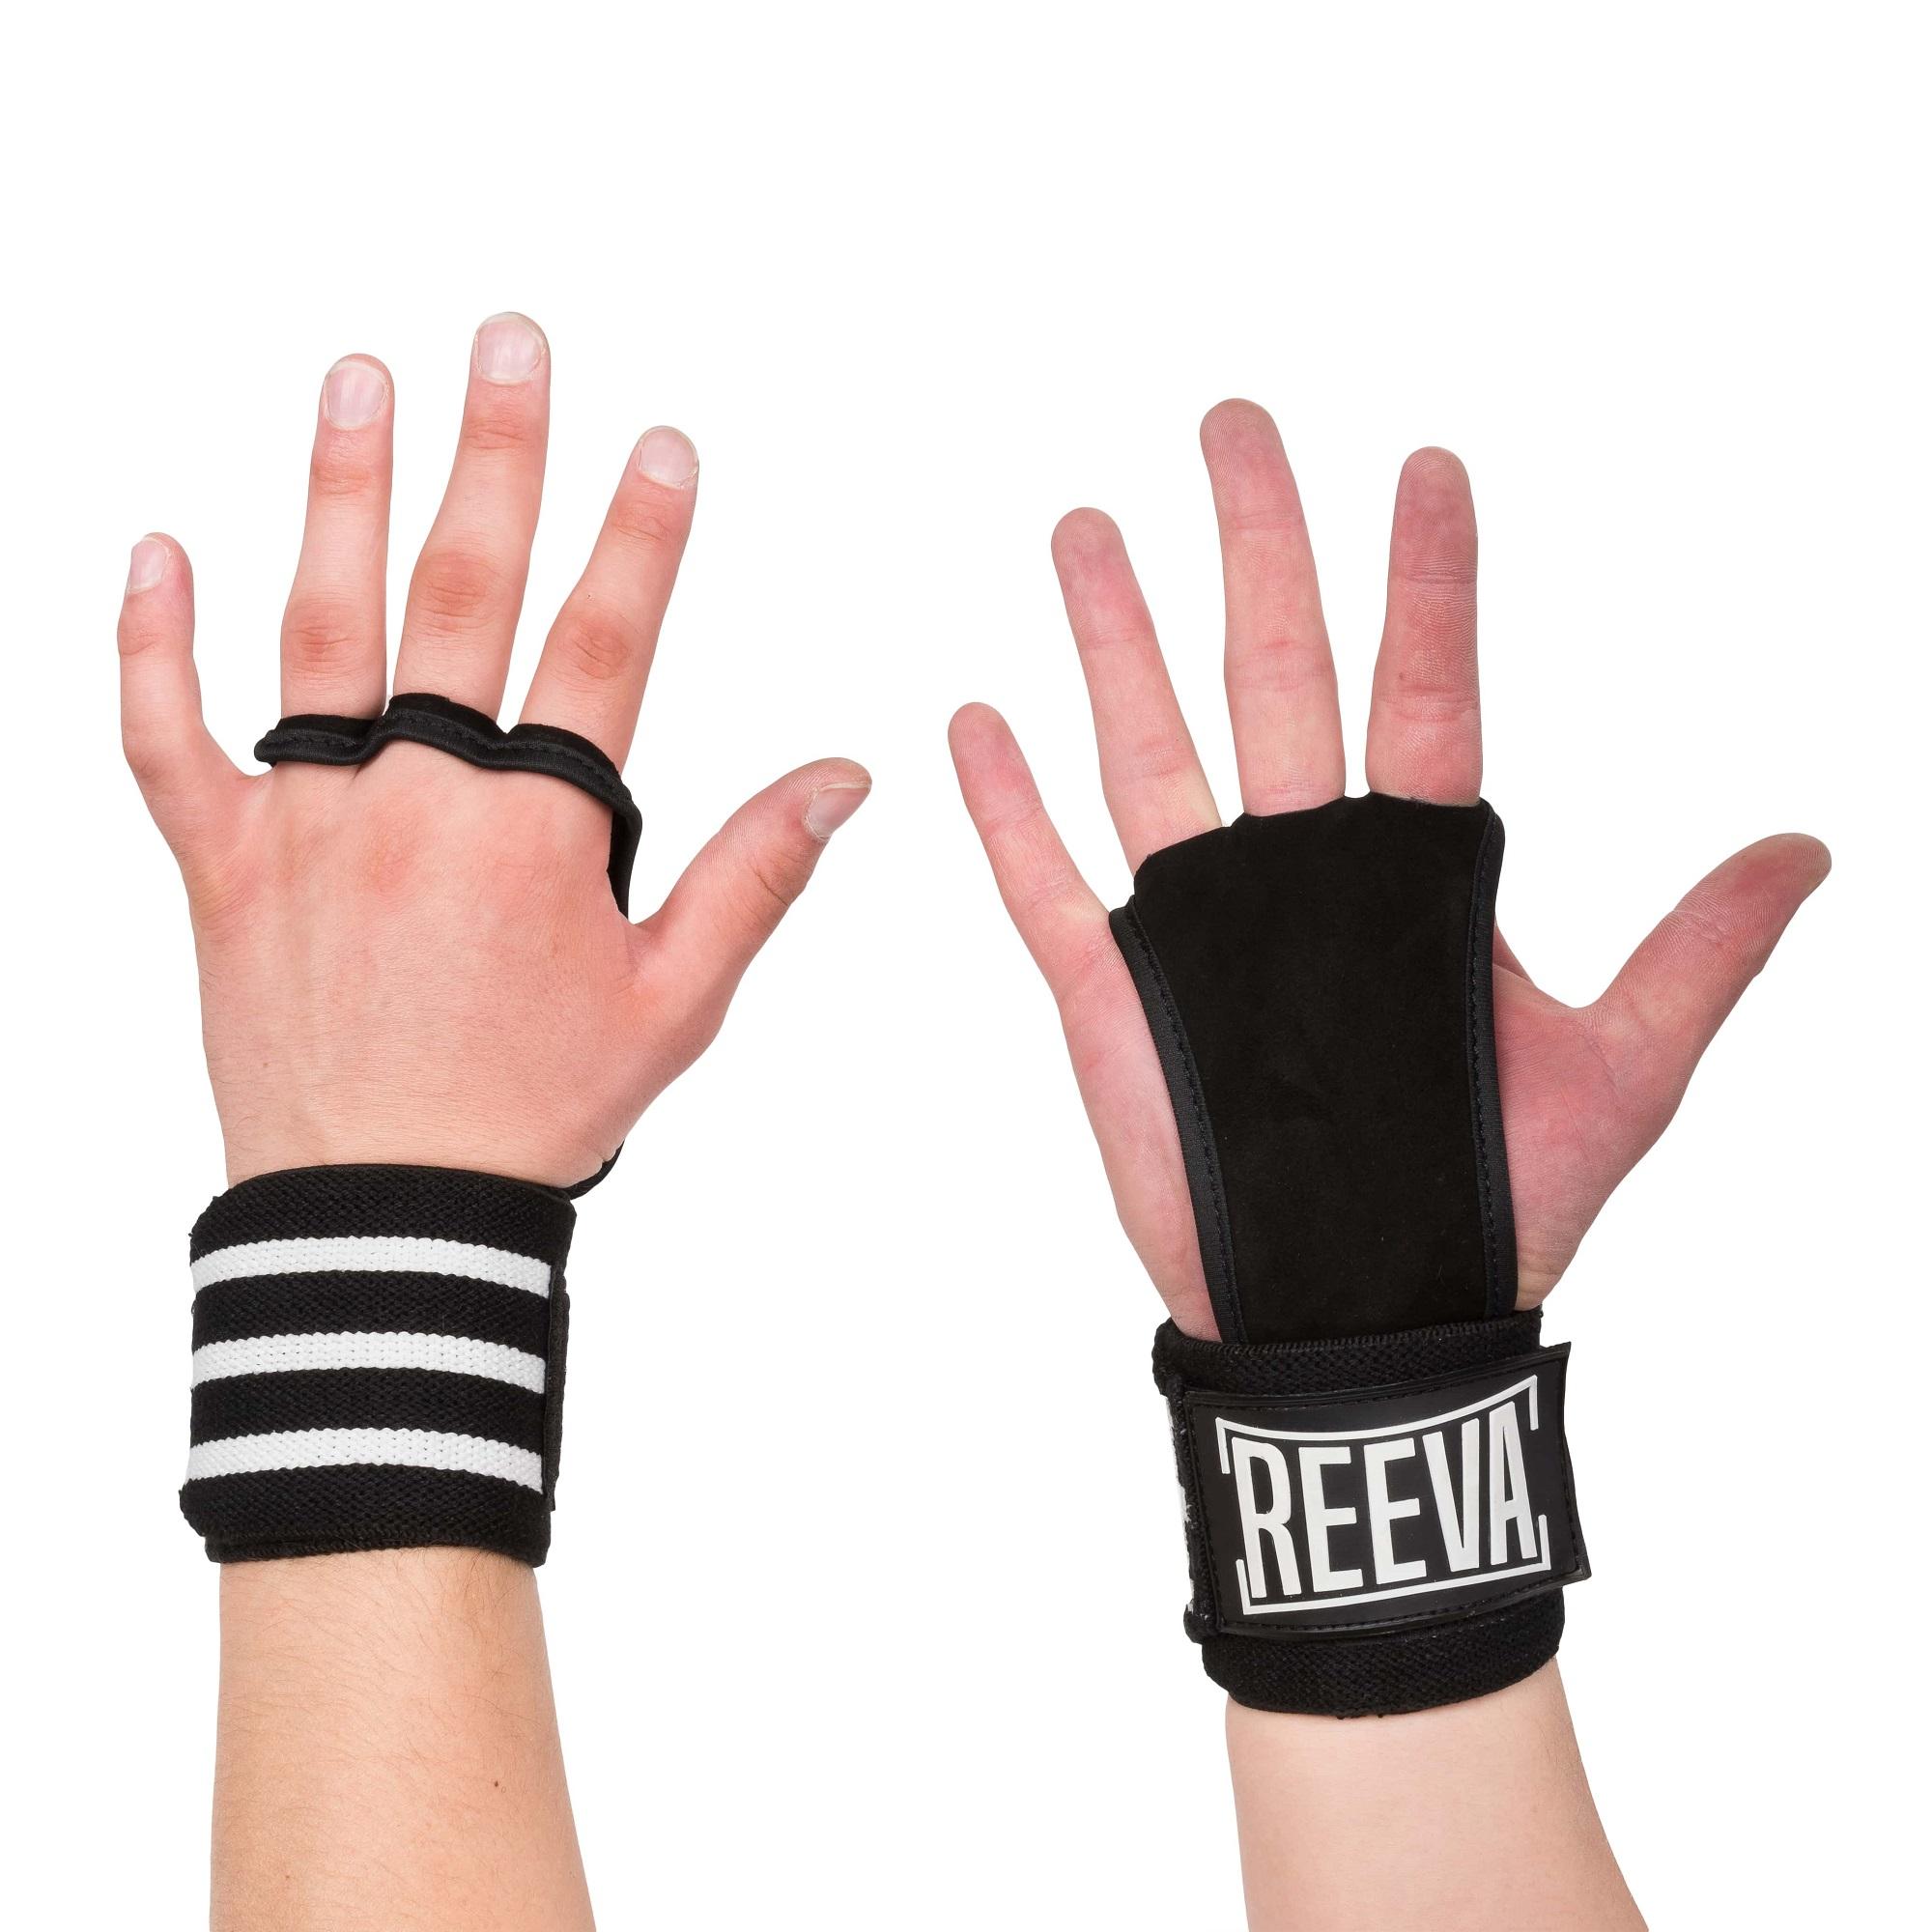 Reeva Kangaroo Grips - Crossfit Handschoenen - Wrist Wrap - M